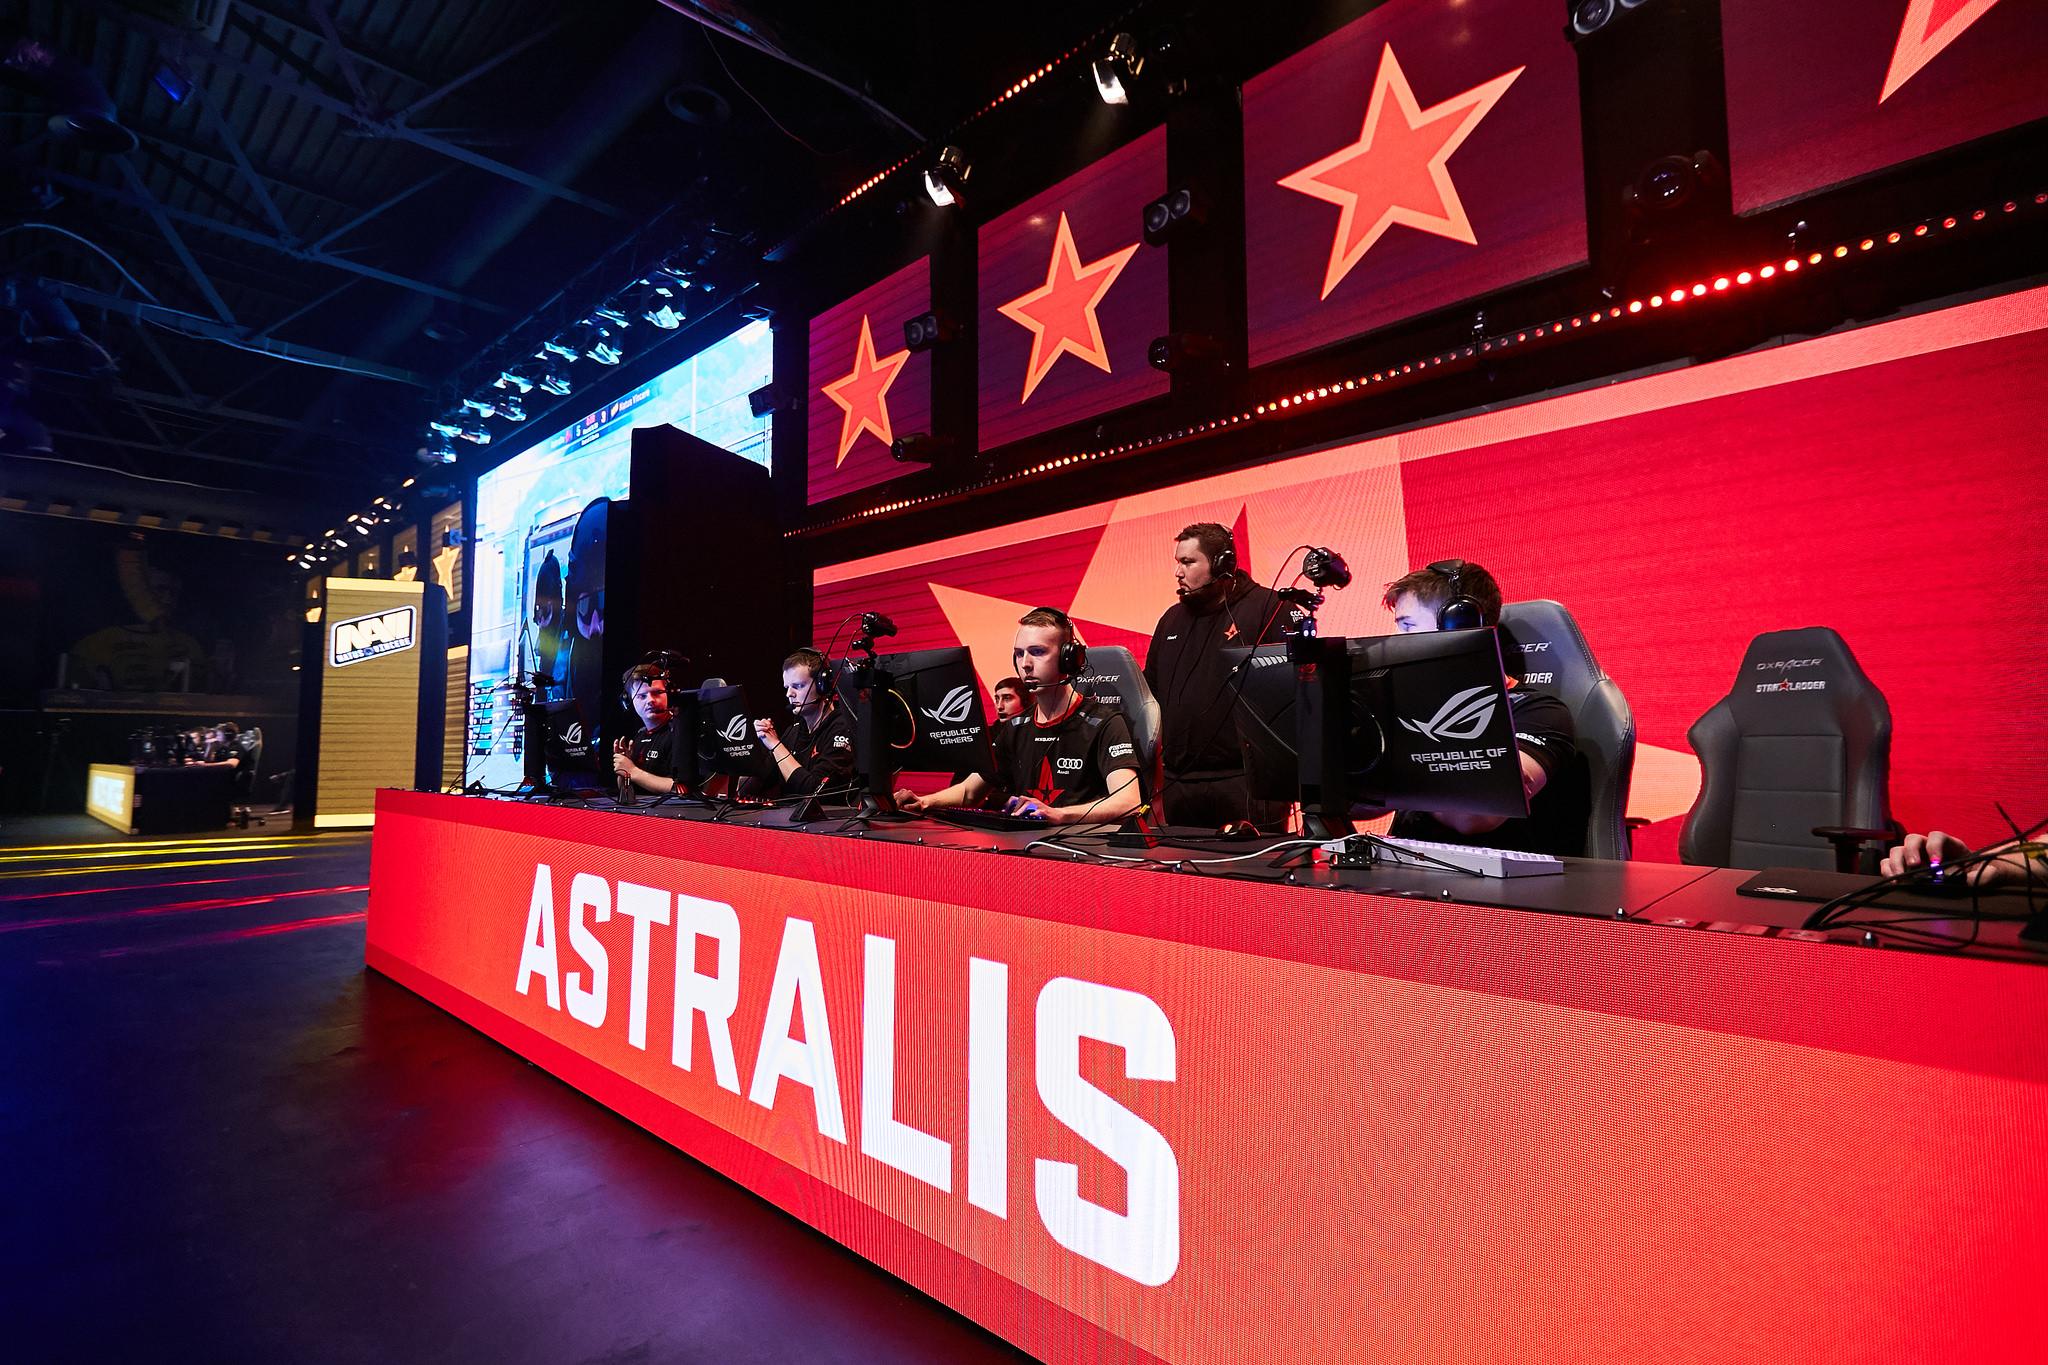 Astralis CS:GO